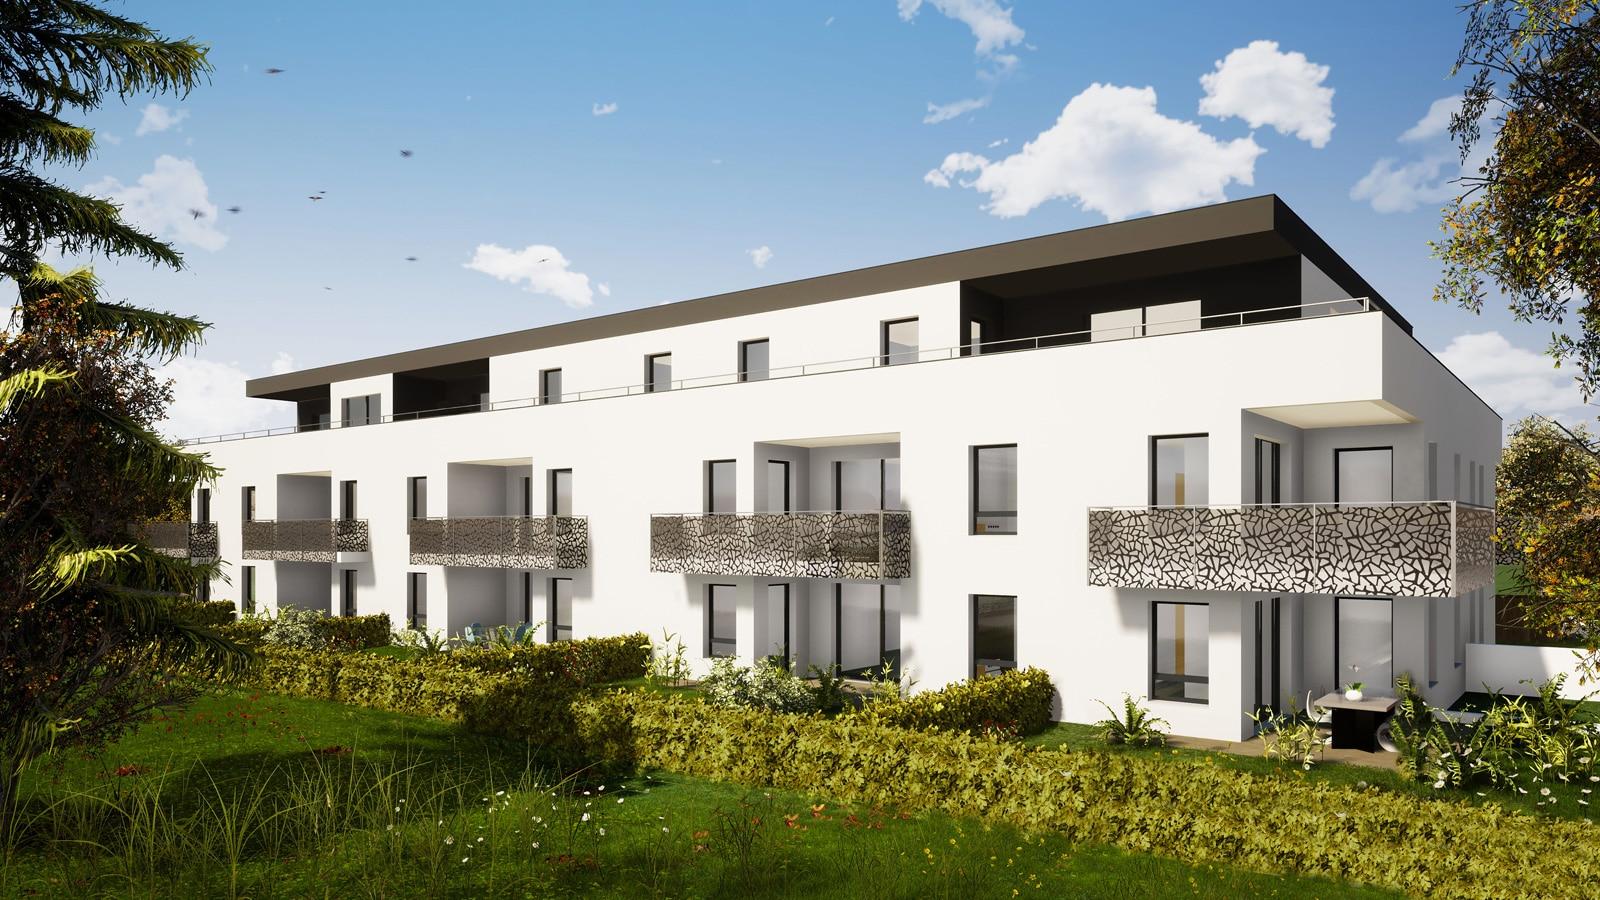 L'Orée du Bois c'est l'investissement idéal au cœur des 3 Frontières : appartements neufs, éligibles loi PINEL, du F2 au F5 en attique dans une résidence intimiste à Saint-Louis Neuweg (68300).